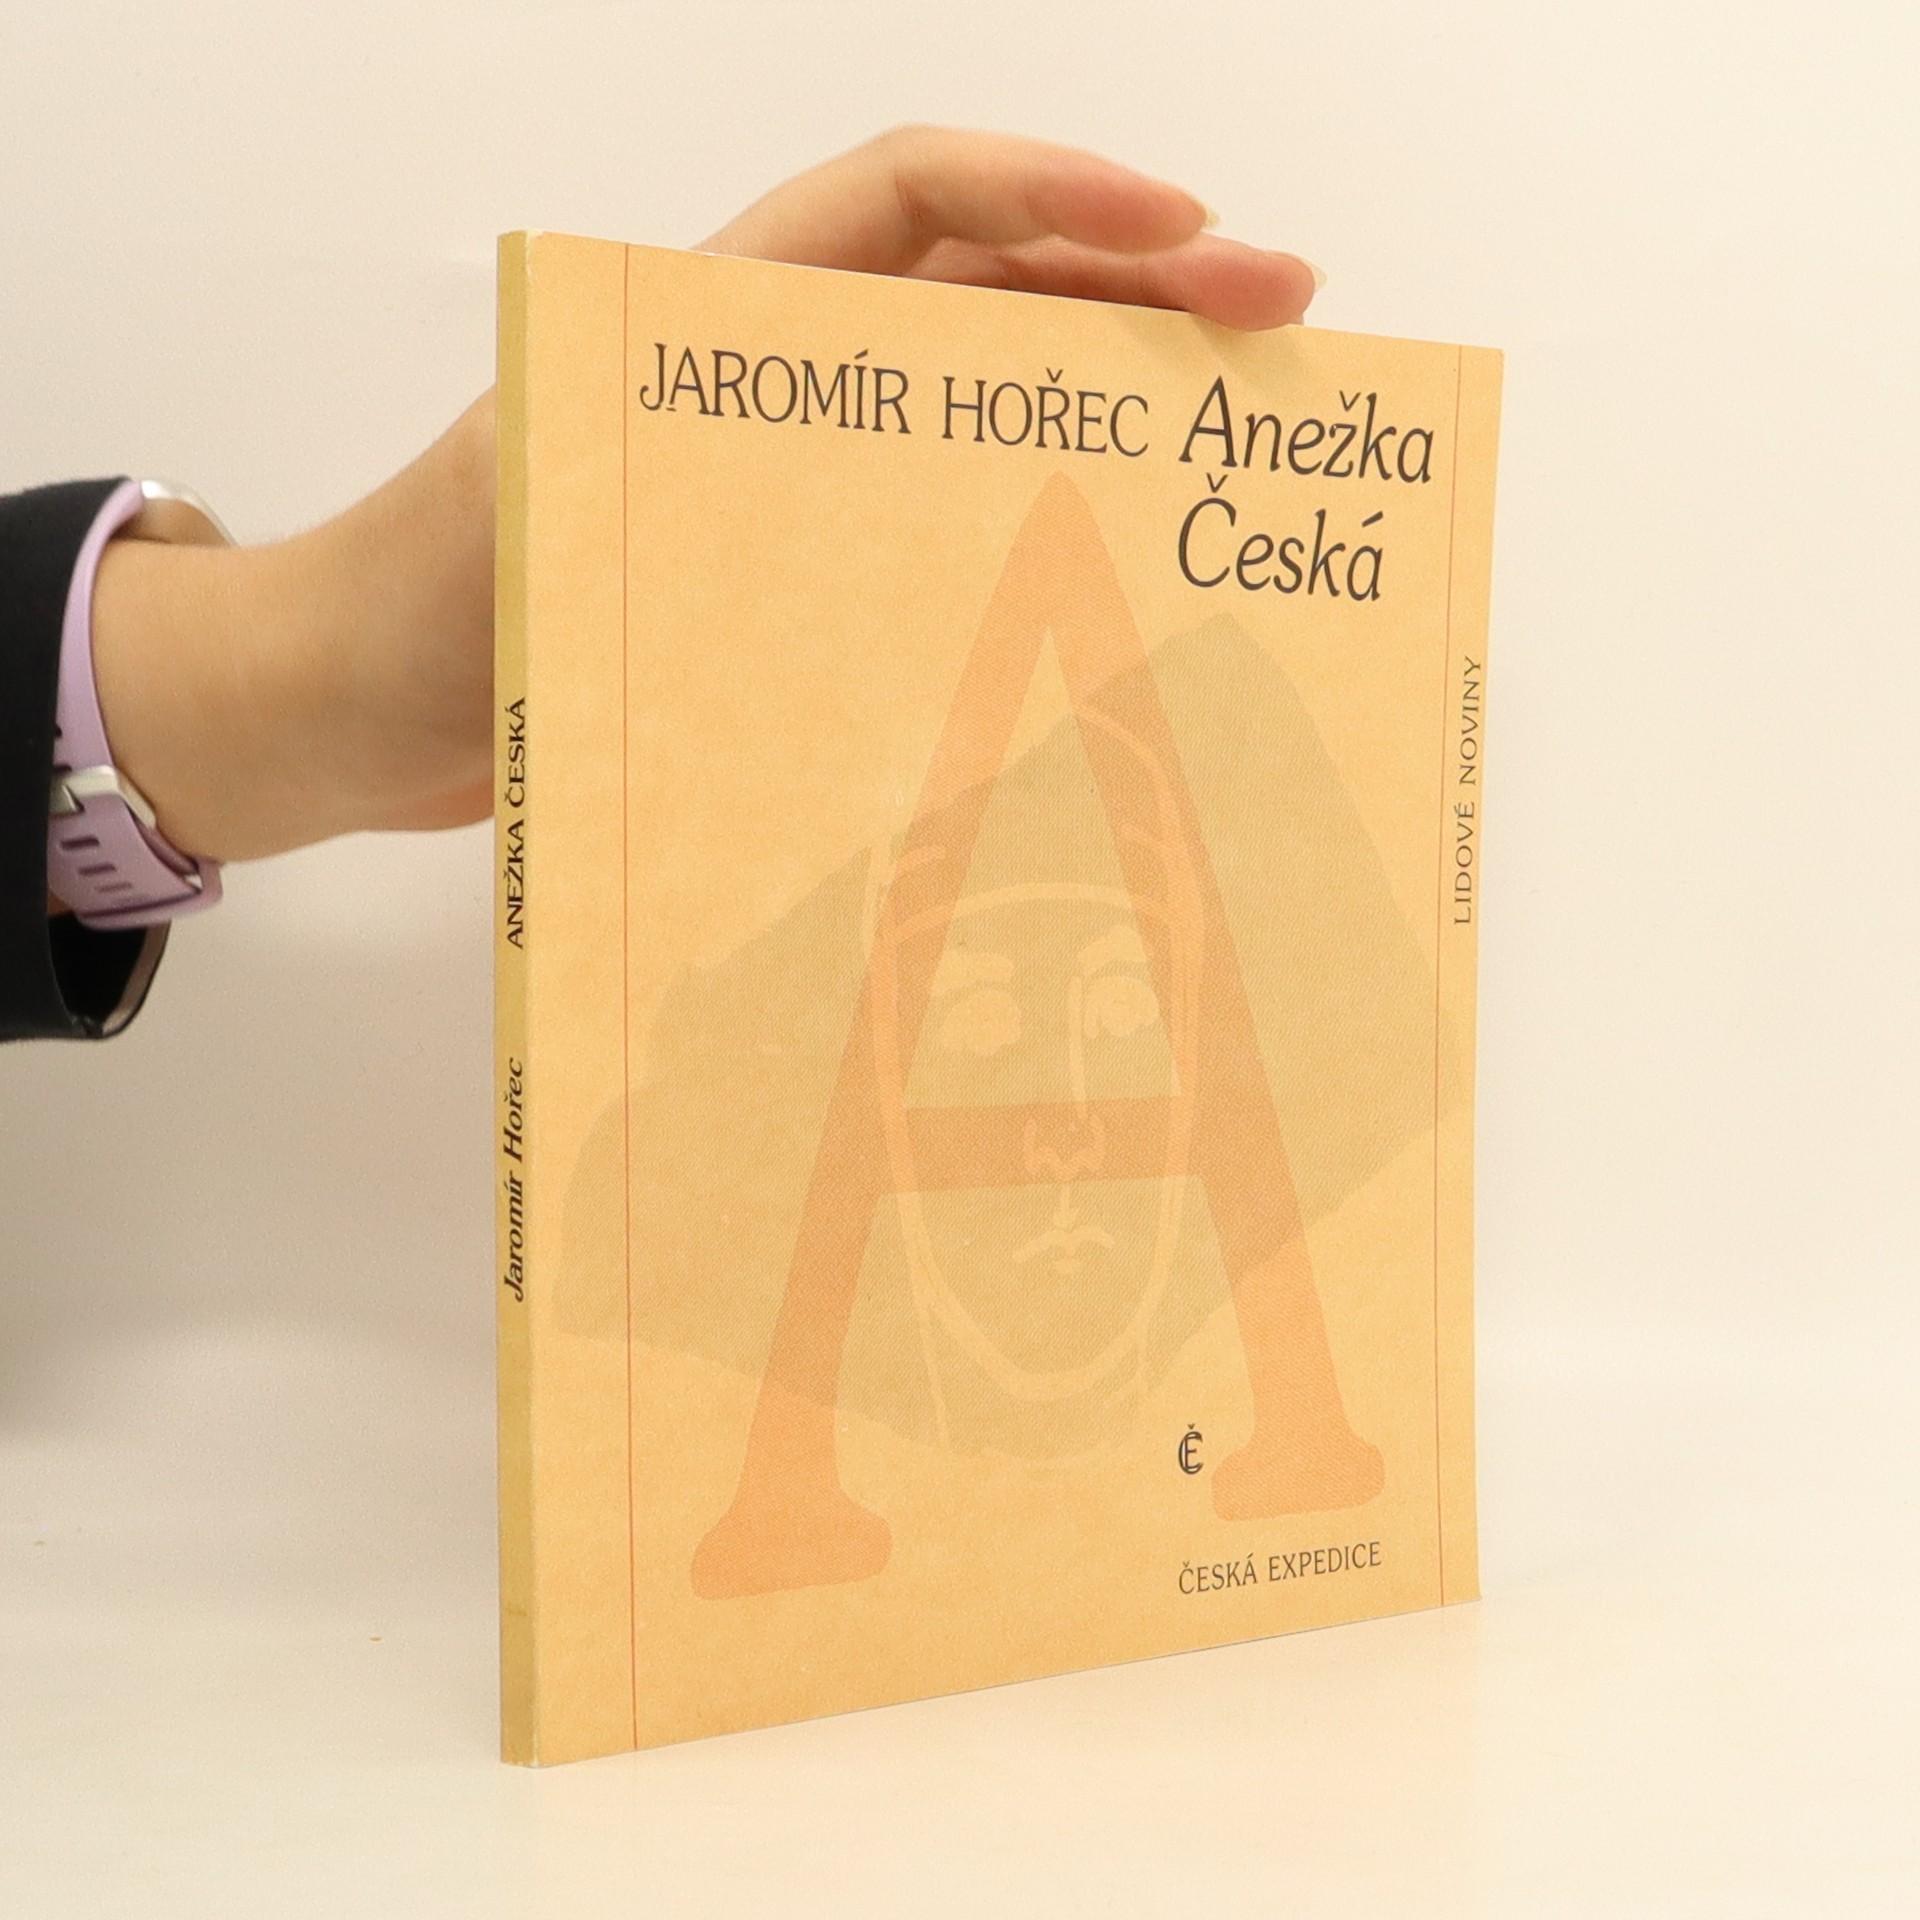 antikvární kniha Anežka Česká, 1990